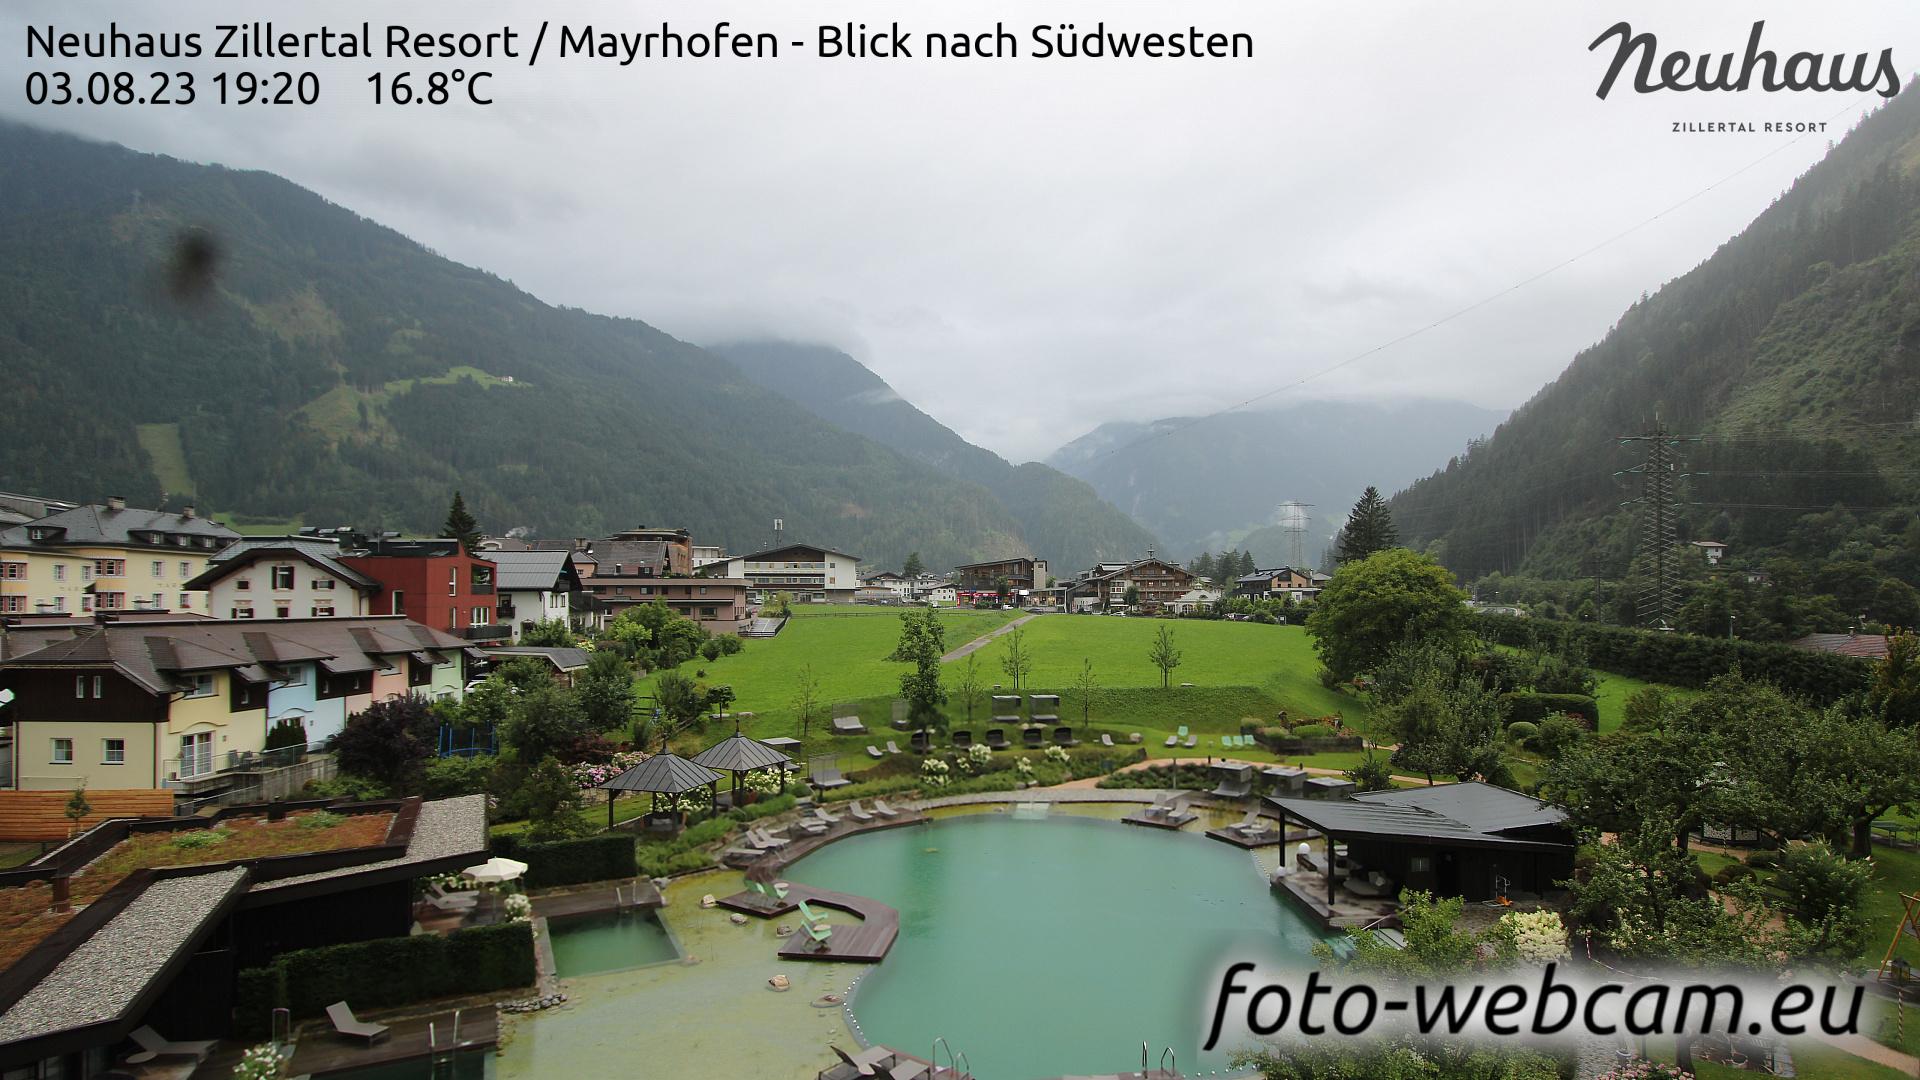 Mayrhofen Sun. 19:33